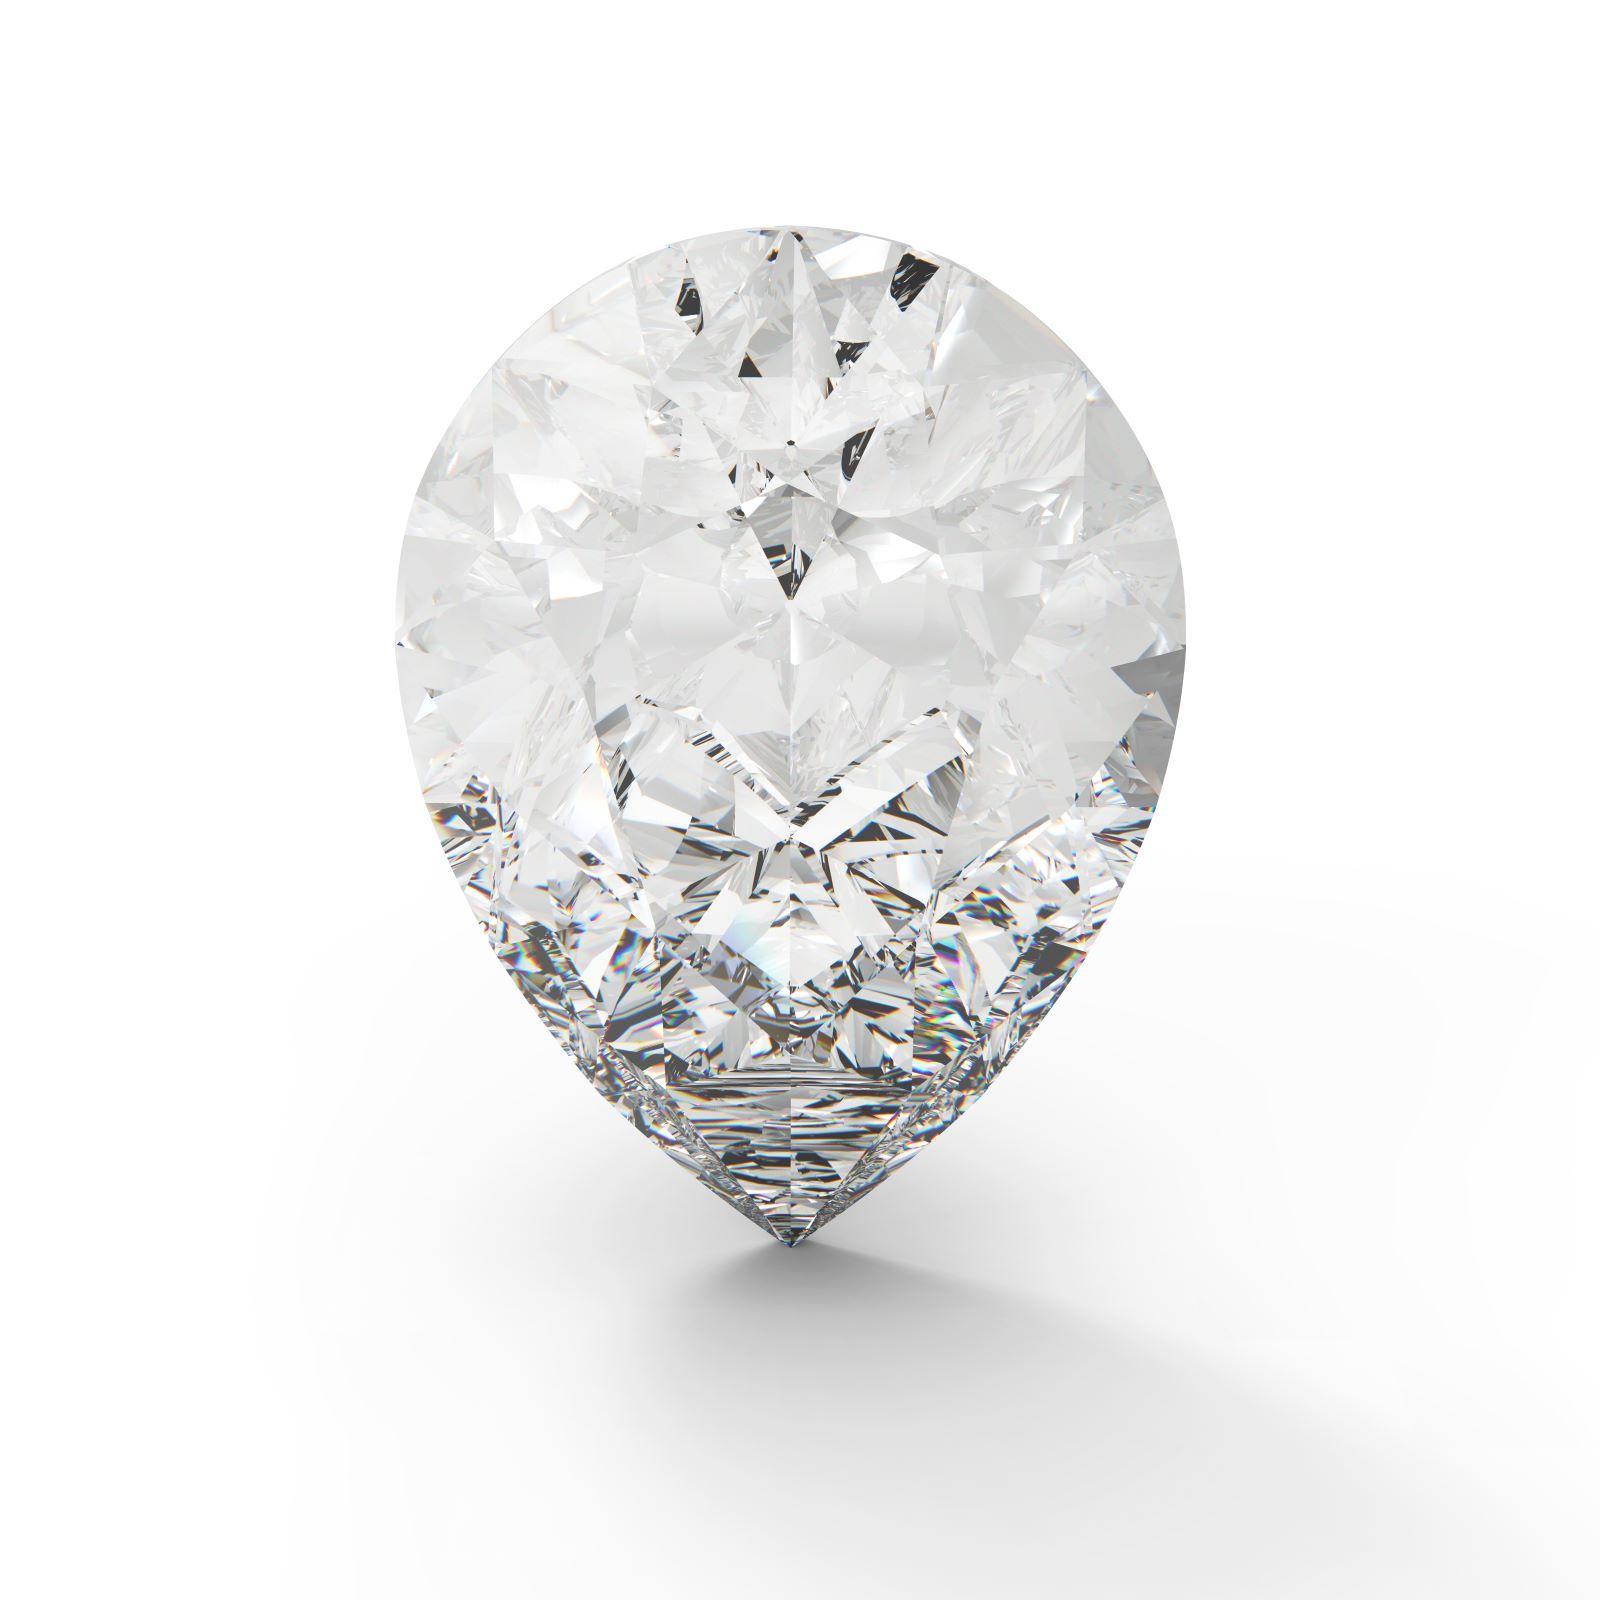 Diamond with pear cut